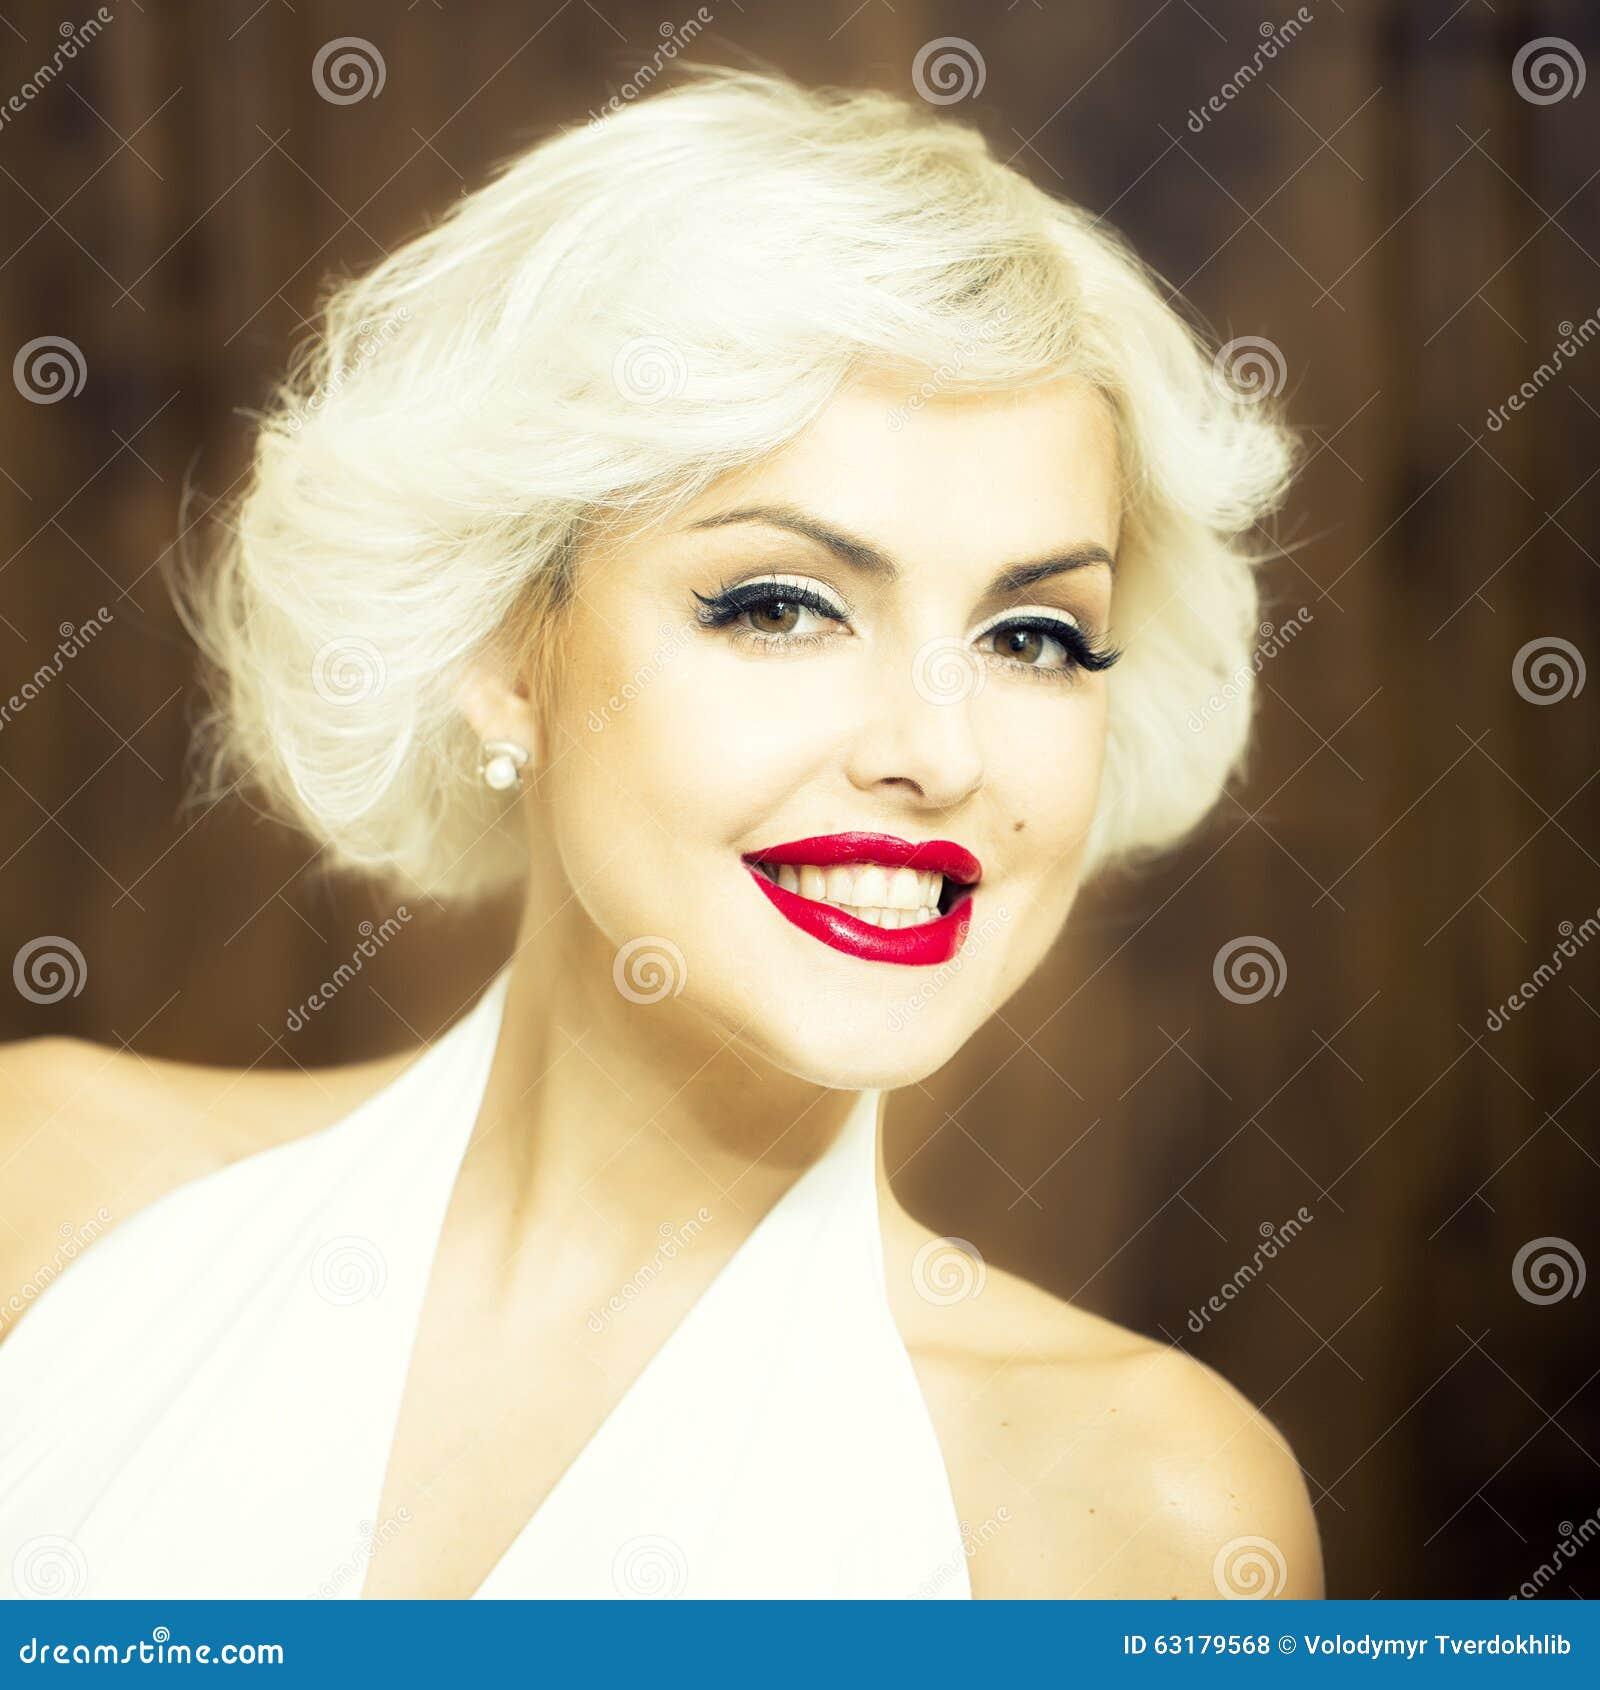 Офигенный отсос, сексуальная молодая блондинка